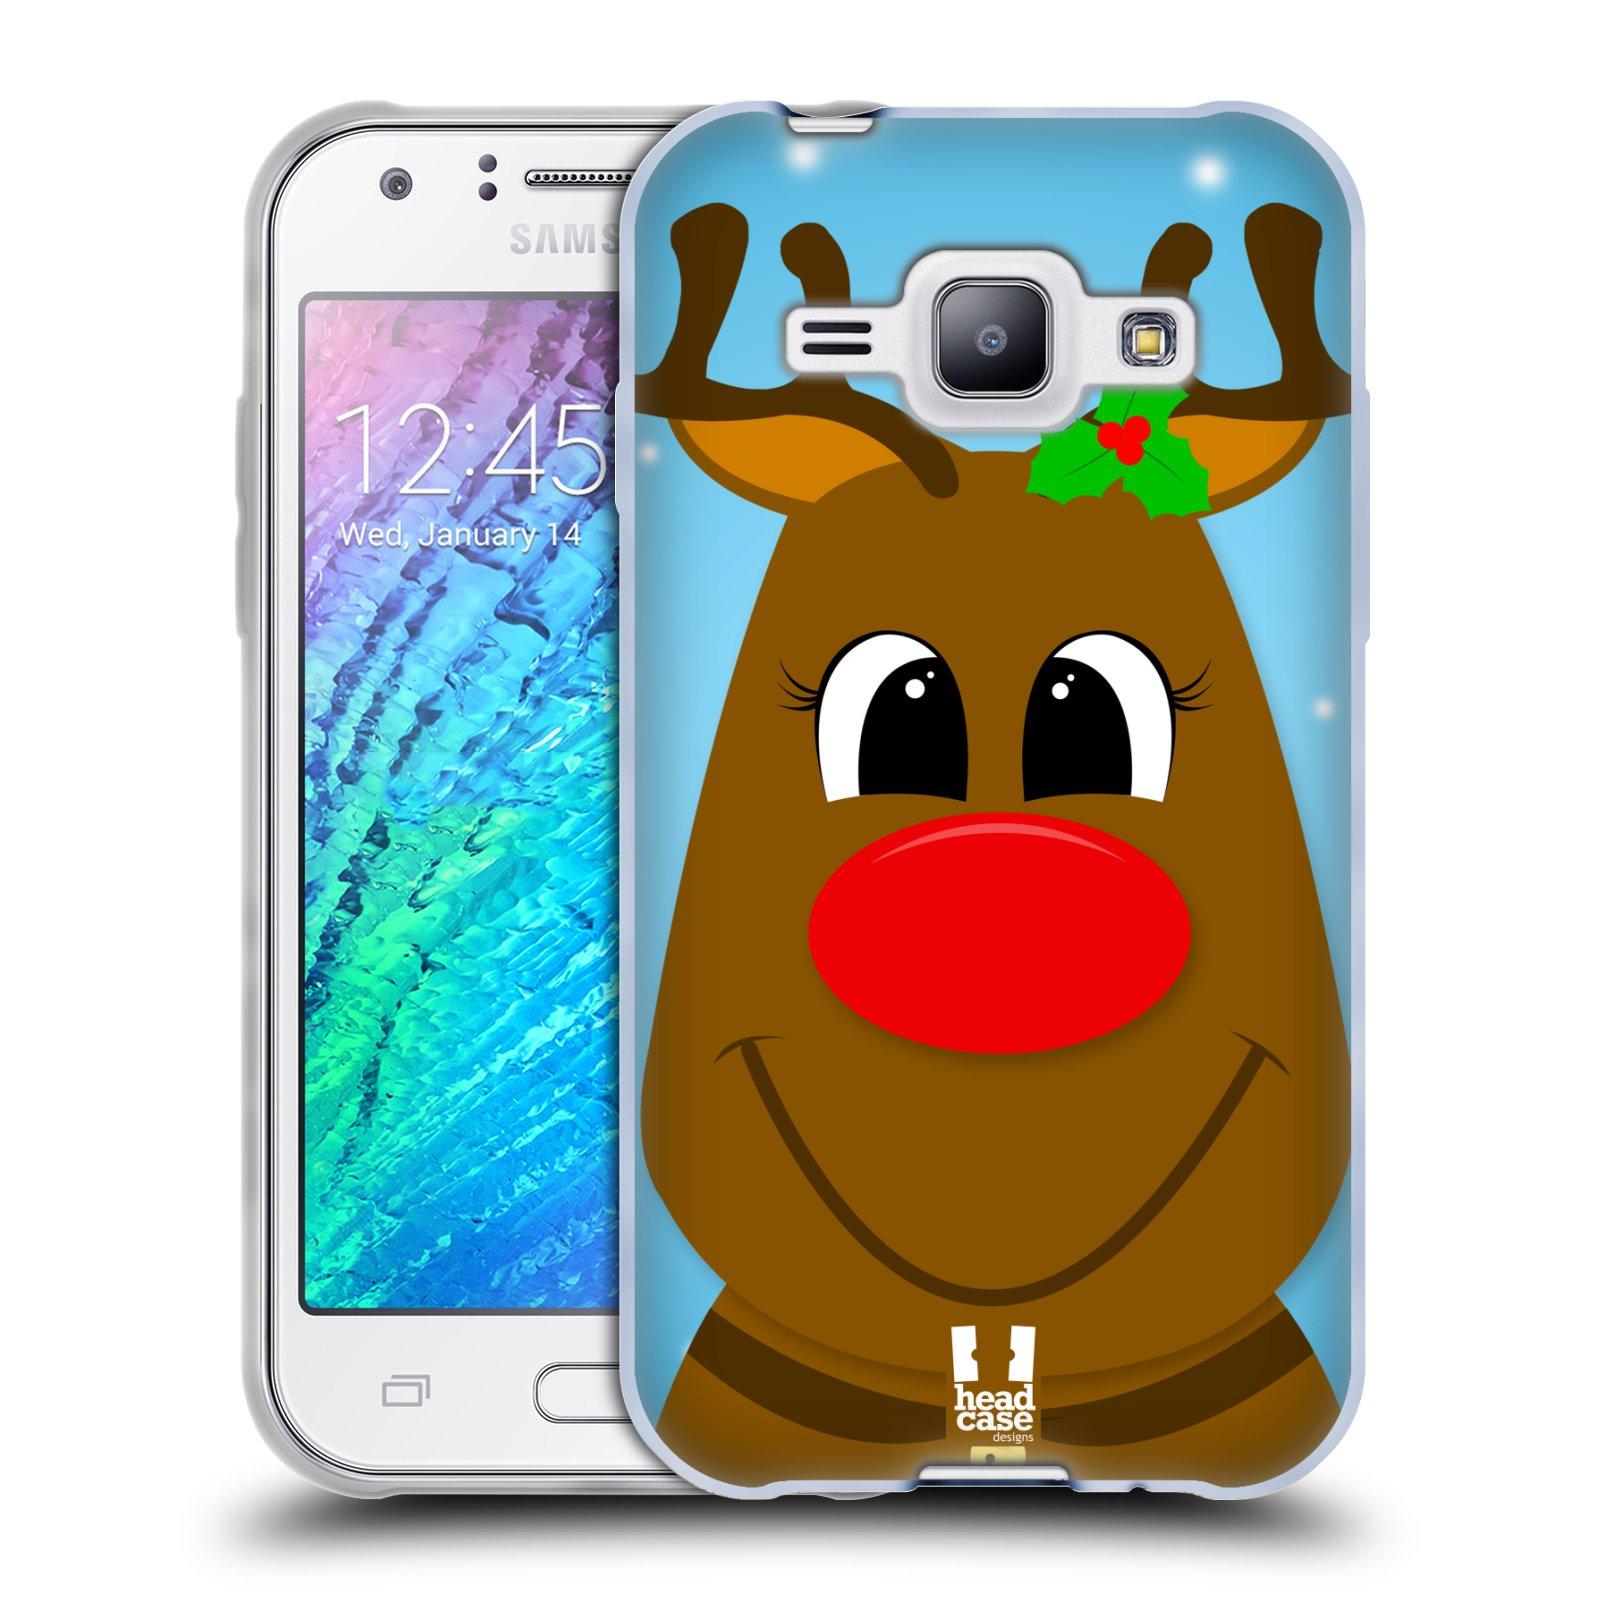 Silikonové pouzdro na mobil Samsung Galaxy J1 HEAD CASE VÁNOCE RUDOLF SOB (Silikonový kryt či obal na mobilní telefon Samsung Galaxy J1 a J1 Duos)